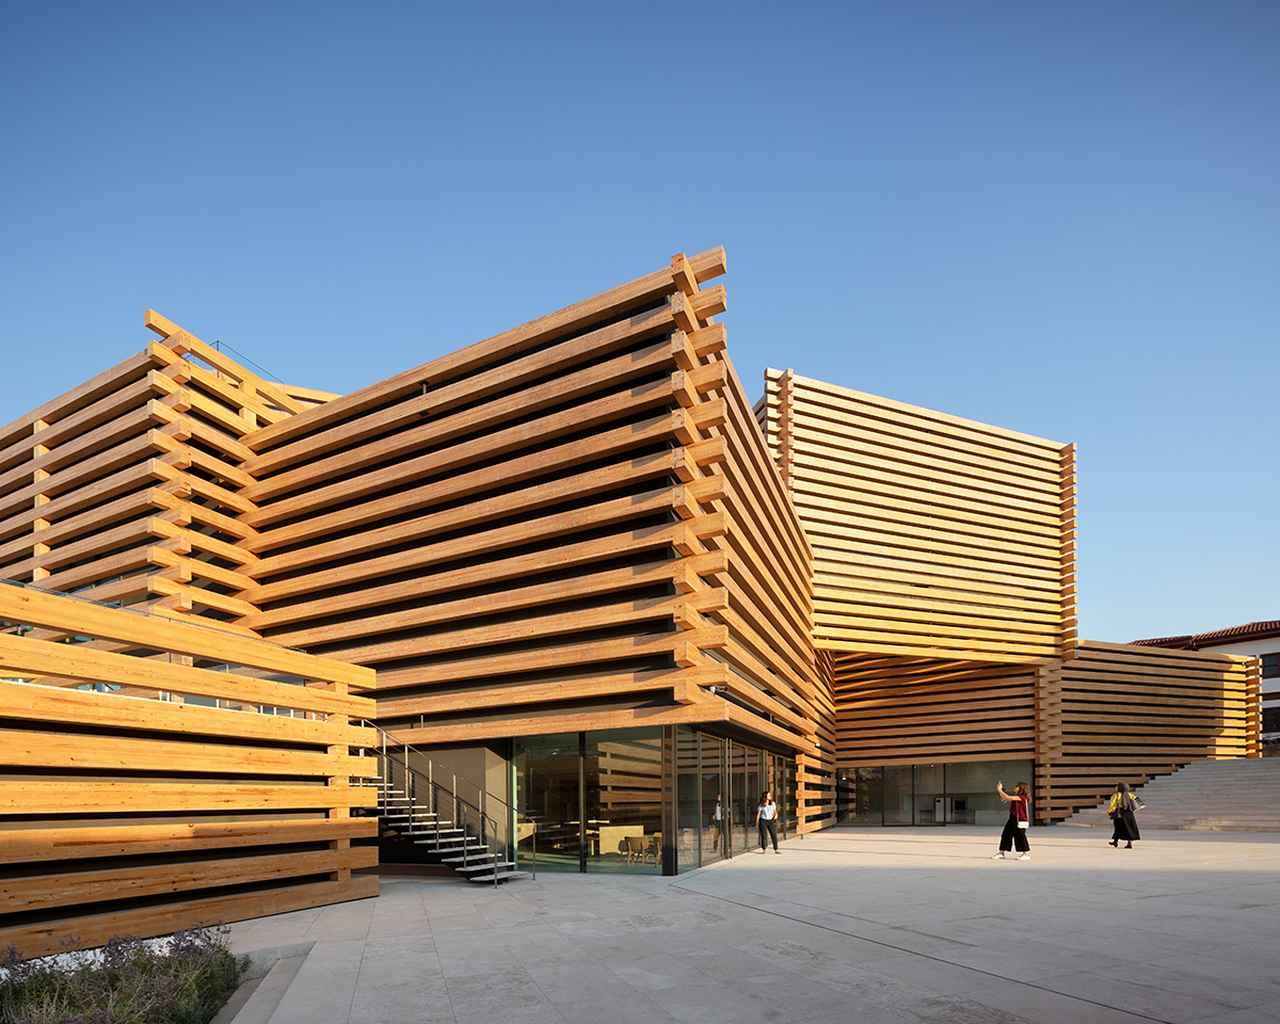 Images : 1番目の画像 - 「隈研吾の建築がトルコに出現。 オーナー、建築家、市民が、 未来を夢みる美術館」のアルバム - T JAPAN:The New York Times Style Magazine 公式サイト